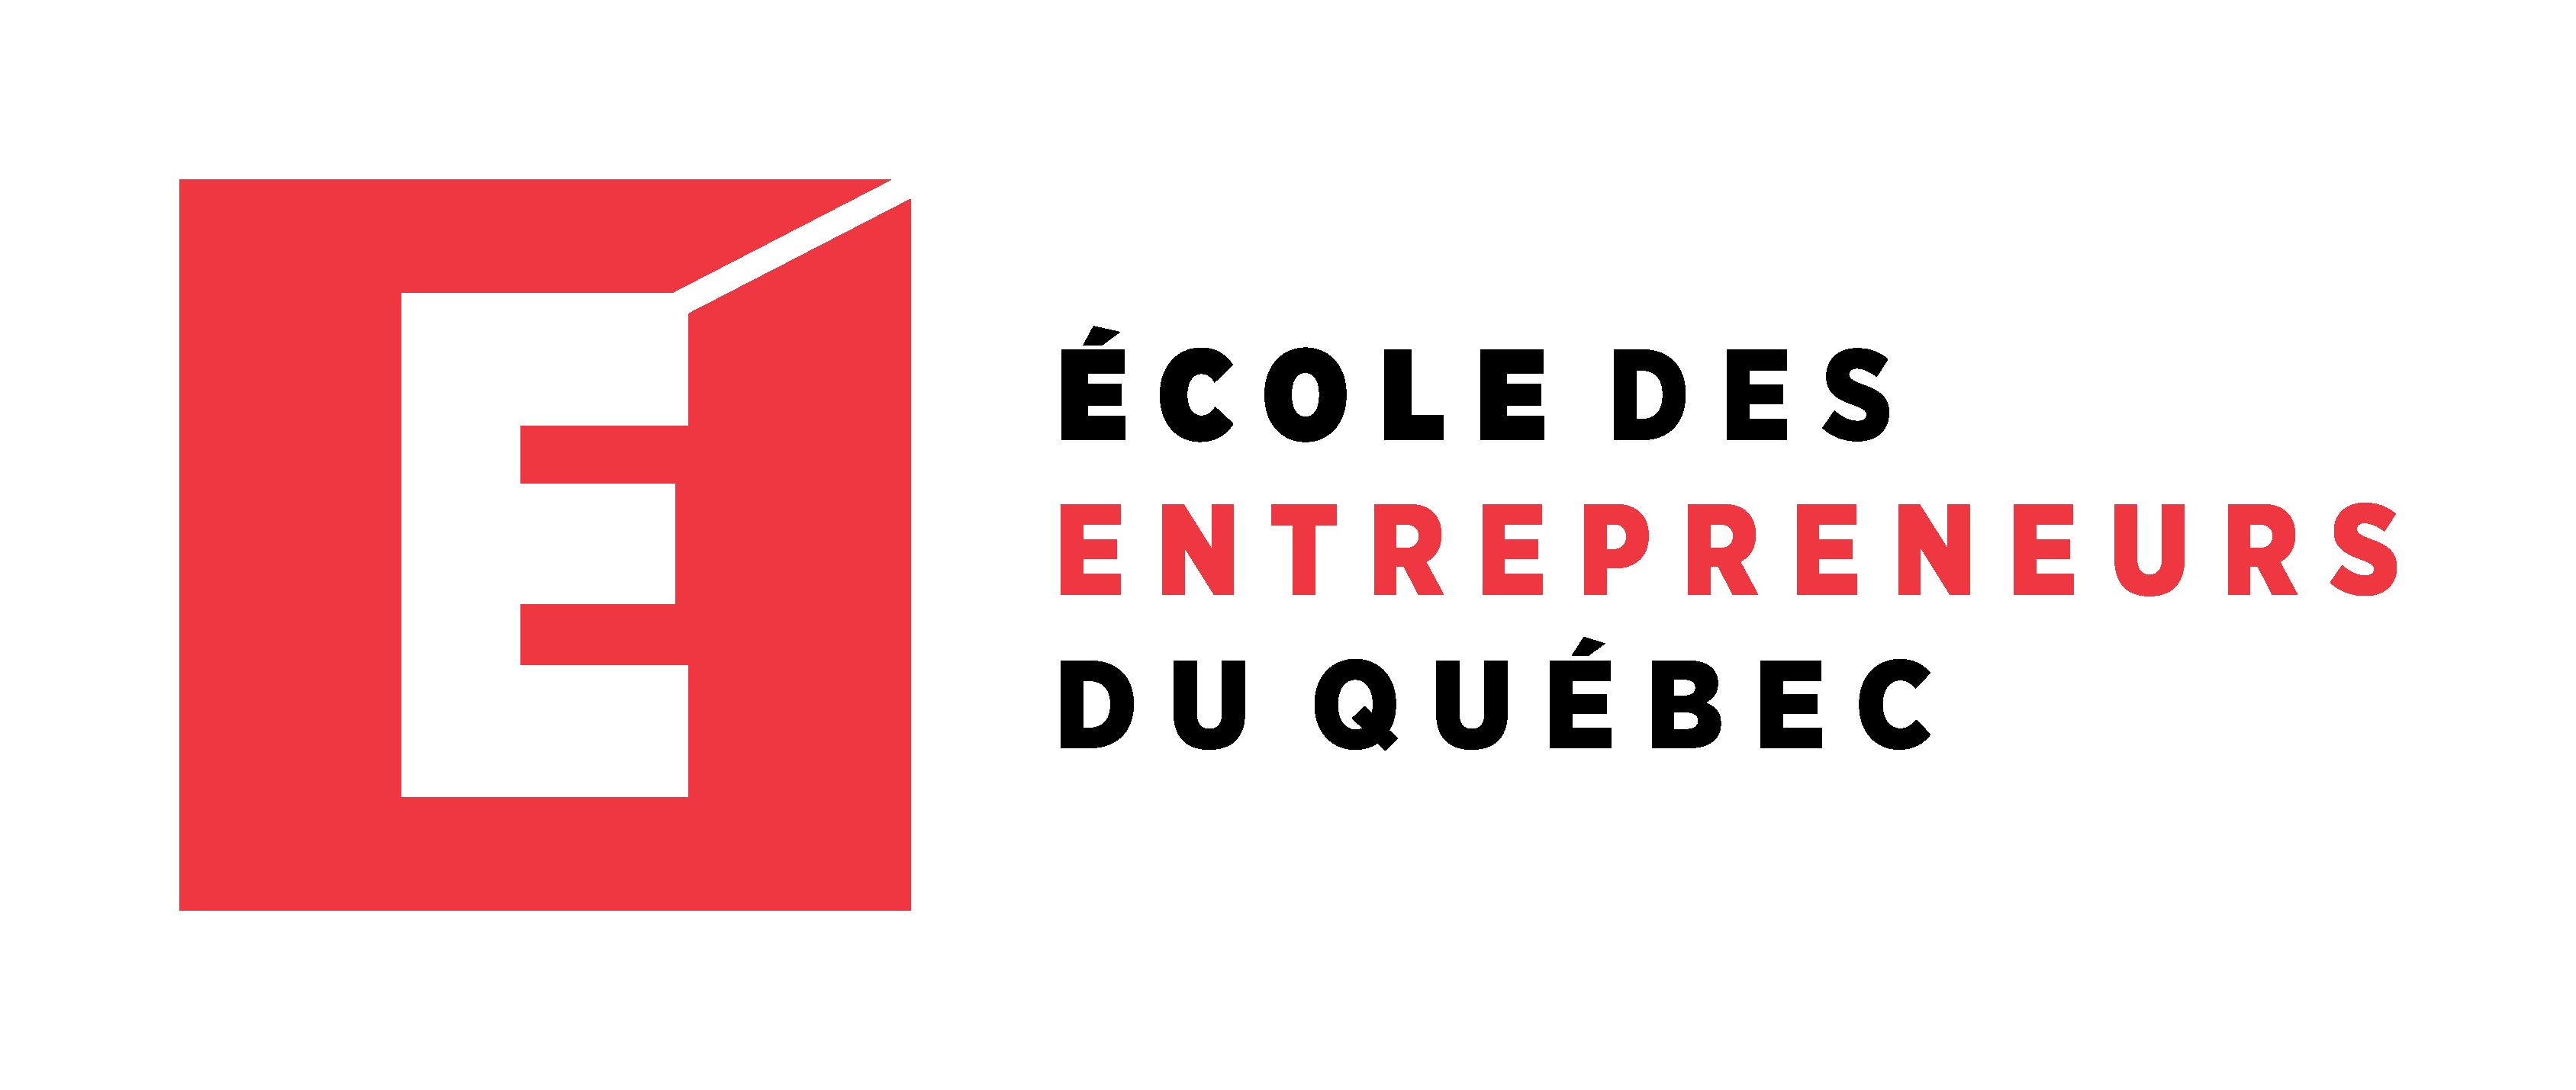 École des entrepreneurs du Québec - Formations, ateliers et outils